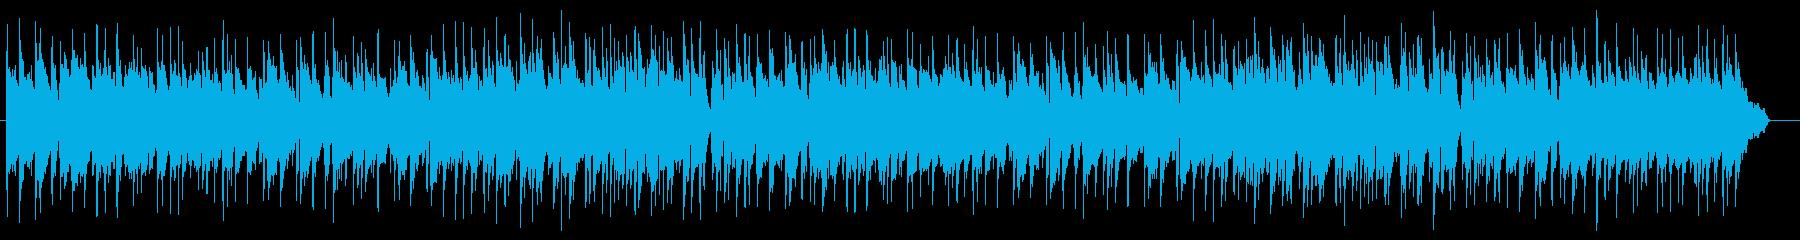 ゆったりとしたピアノバラードの再生済みの波形